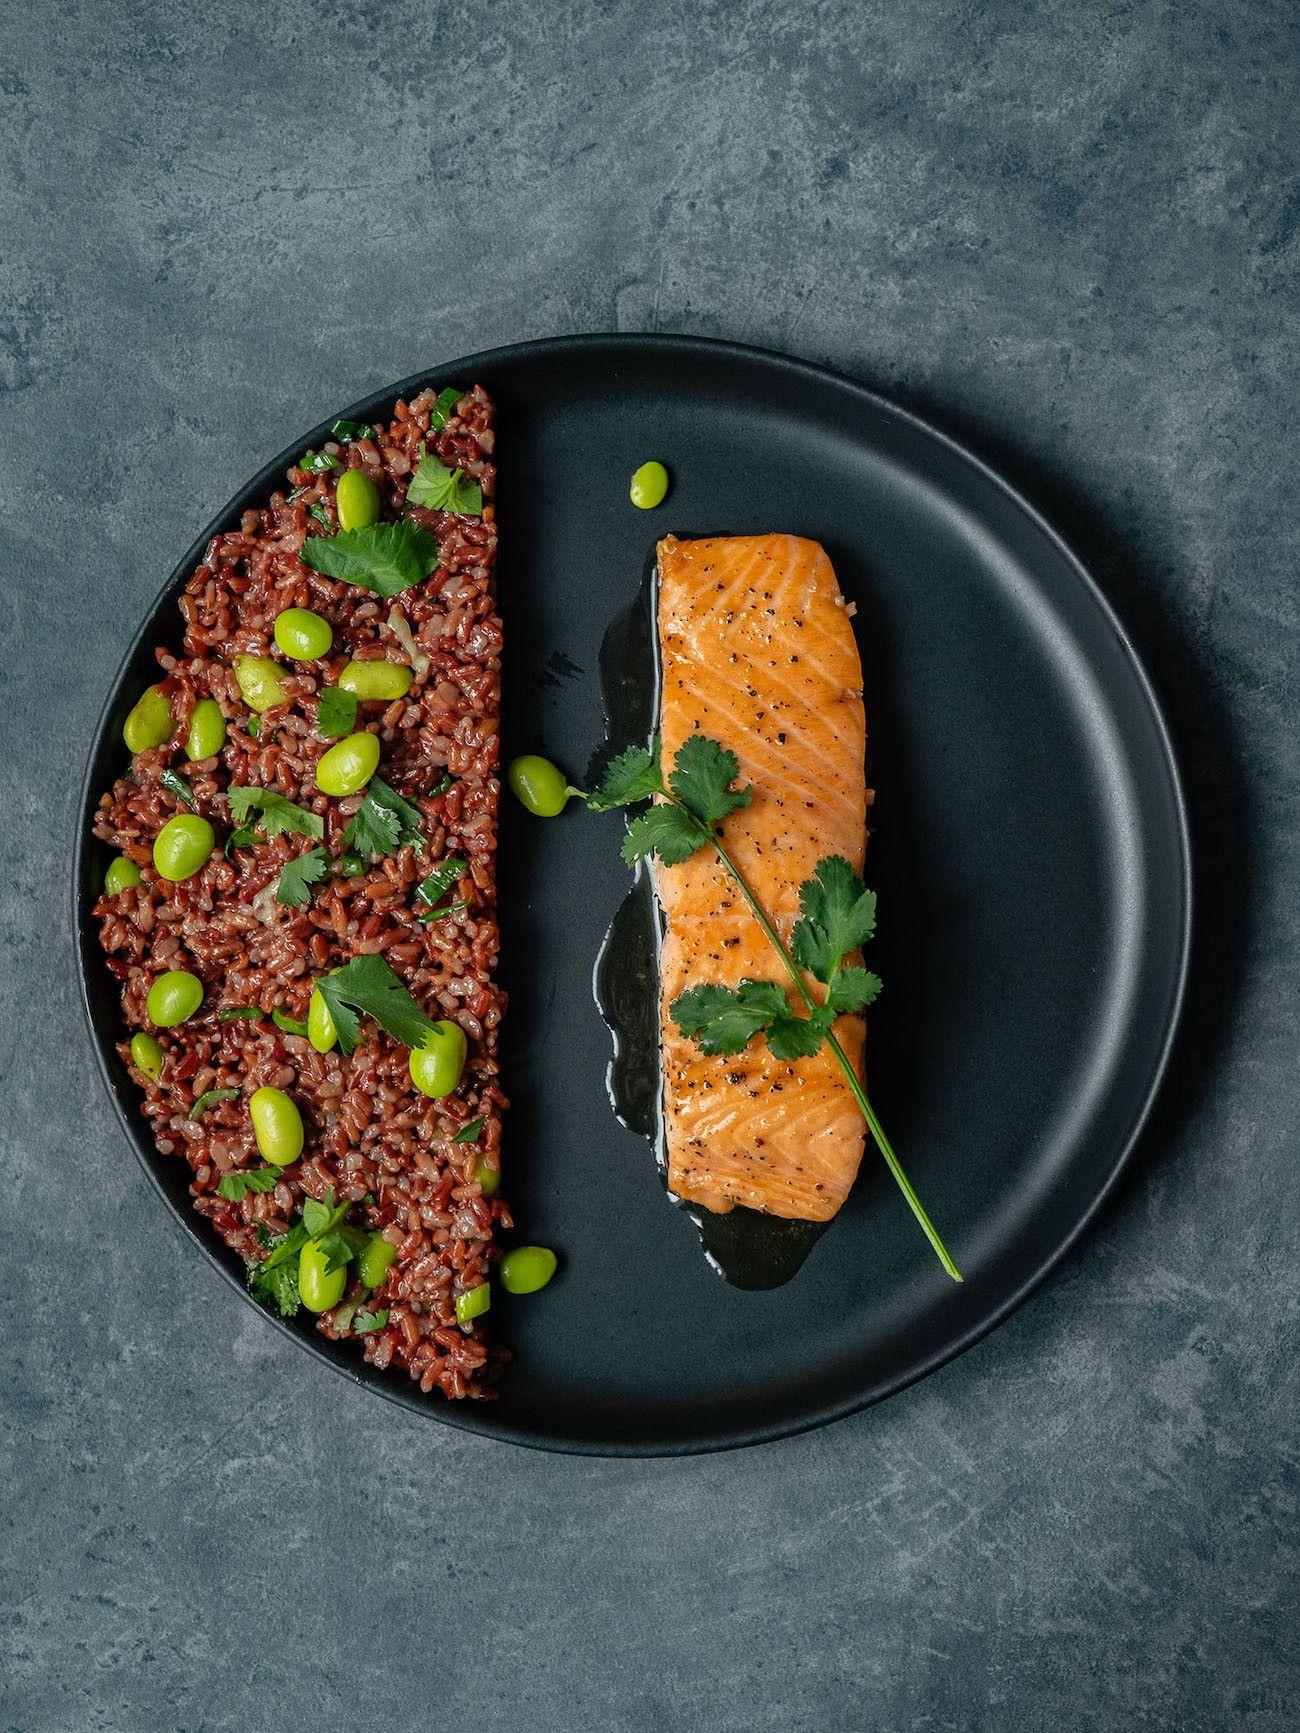 Foodblog About Fuel, Rezept Roter Reissalat mit Edamame und Ahornsirup Lachs, Koriander, Teller, Lachsfilet